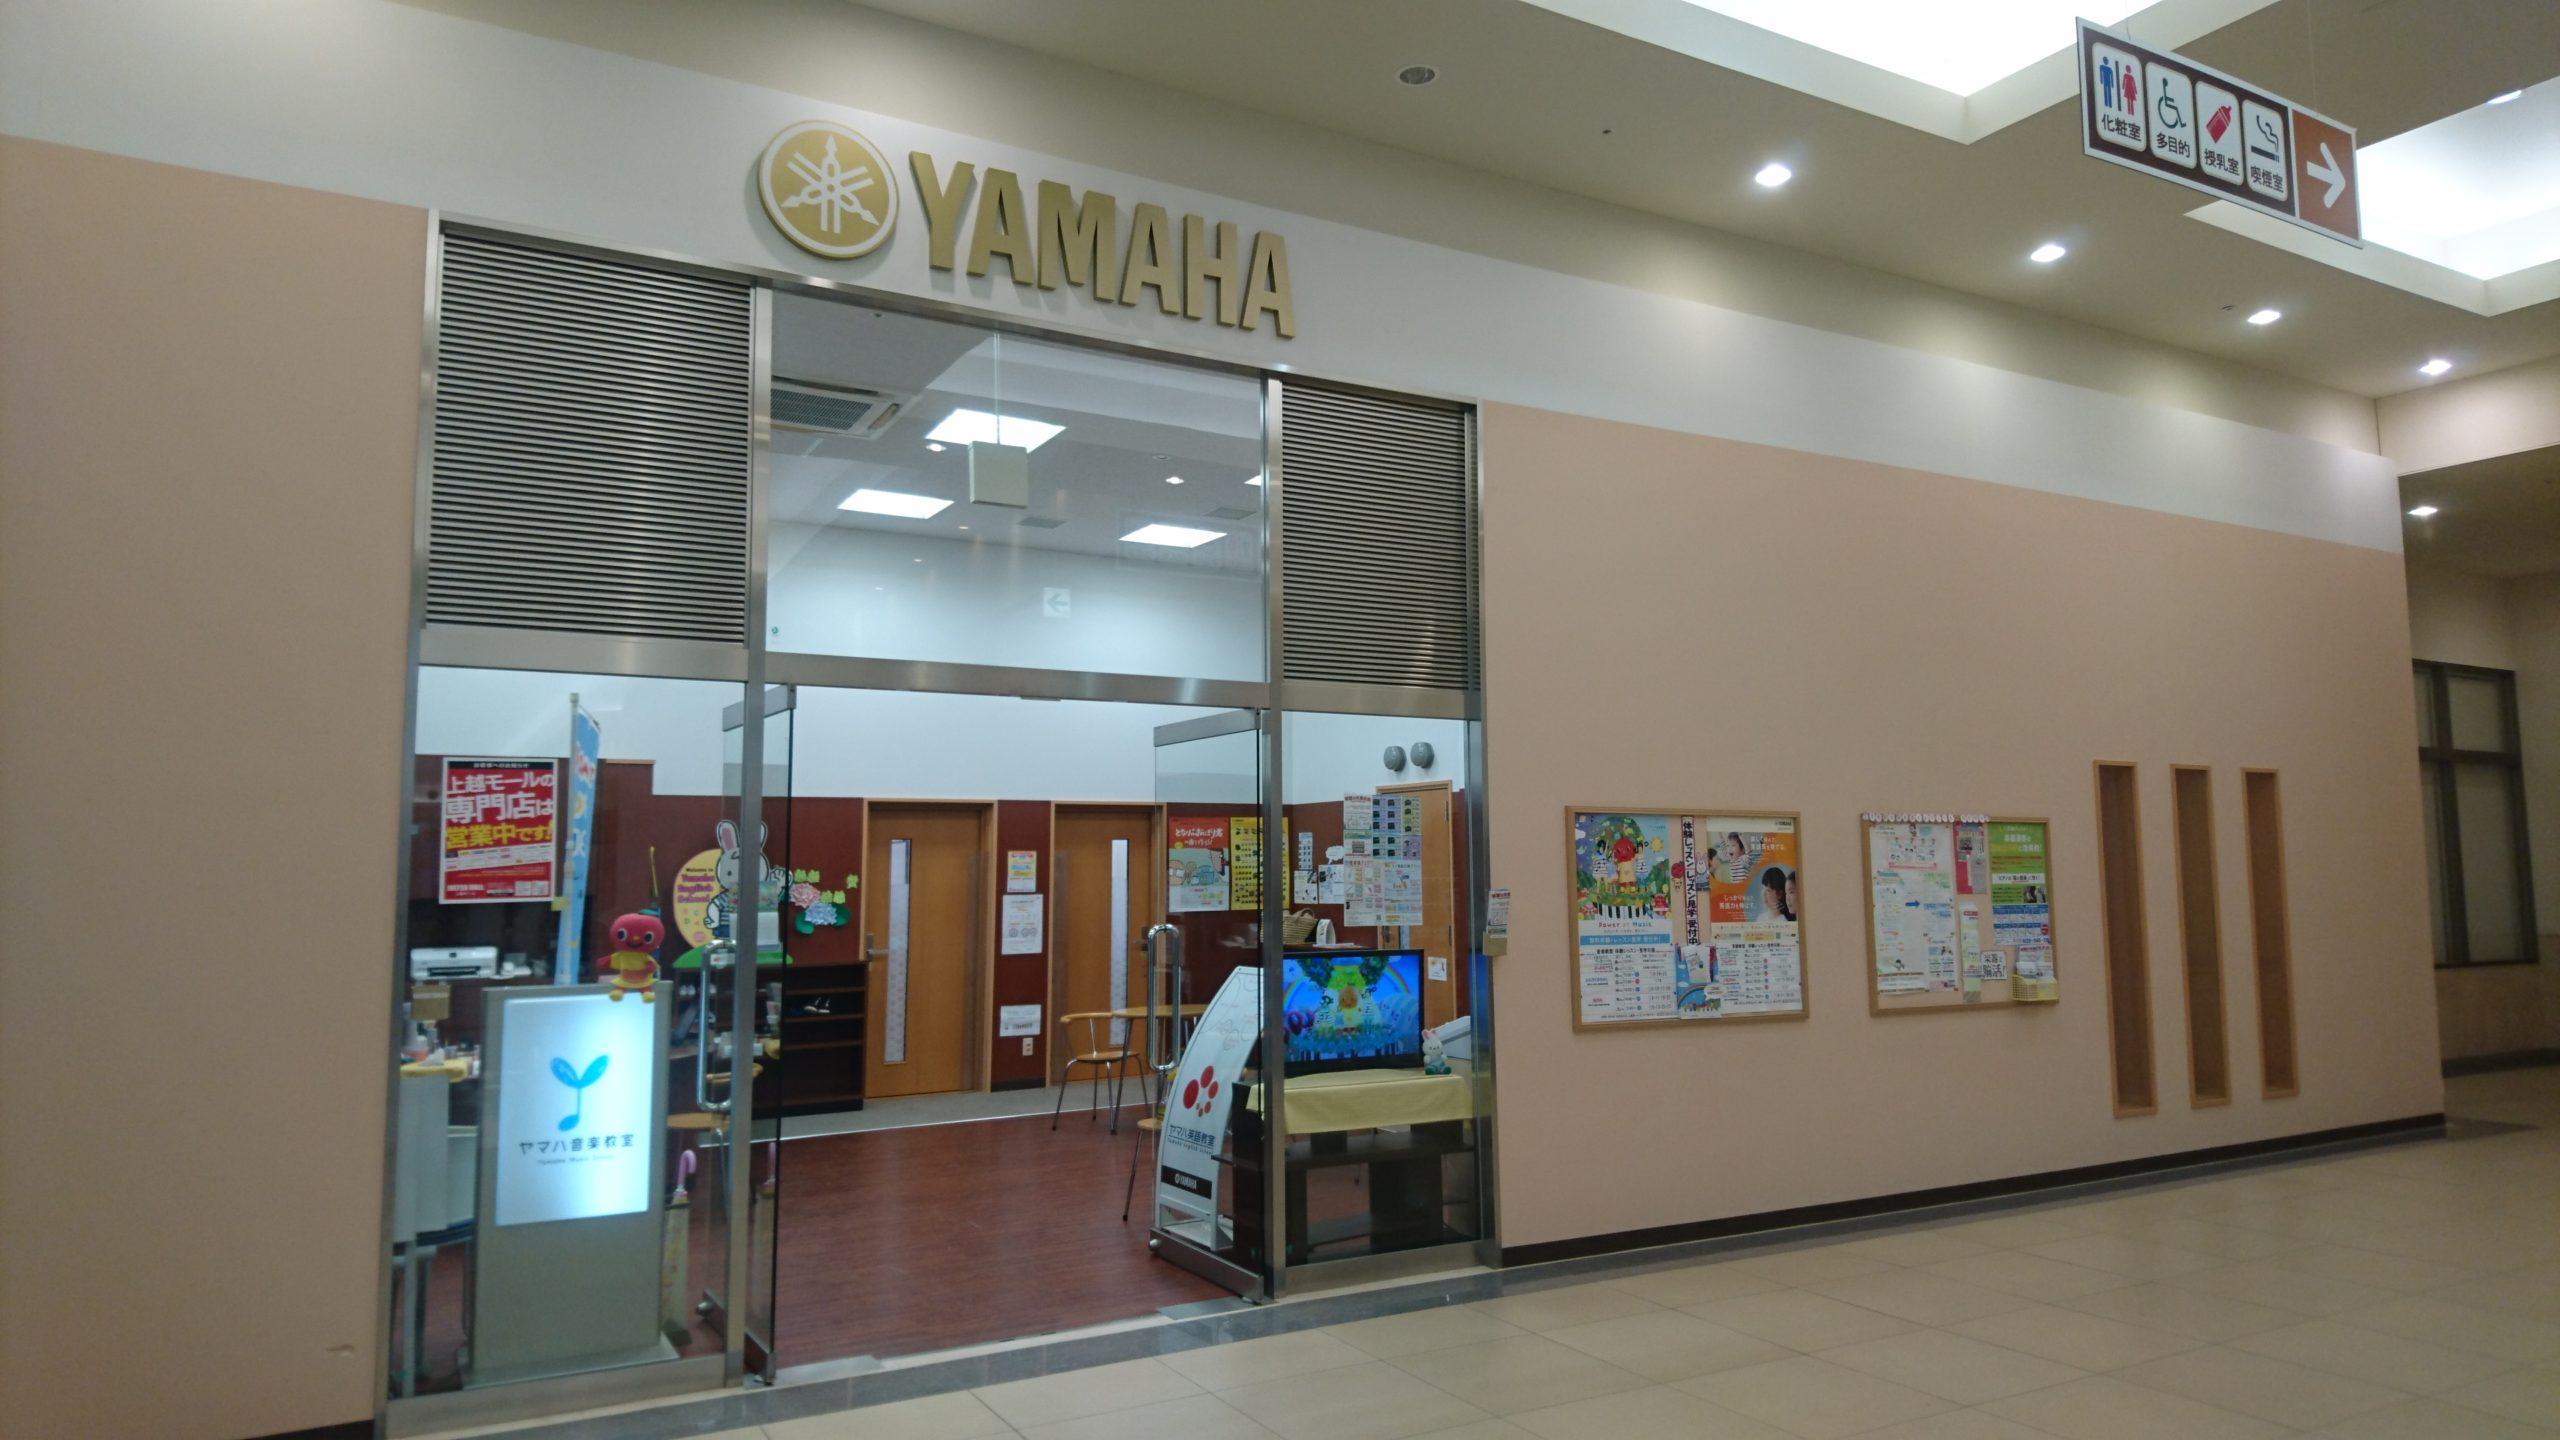 ヤマハ音楽教室・ヤマハ英語教室(二葉楽器)